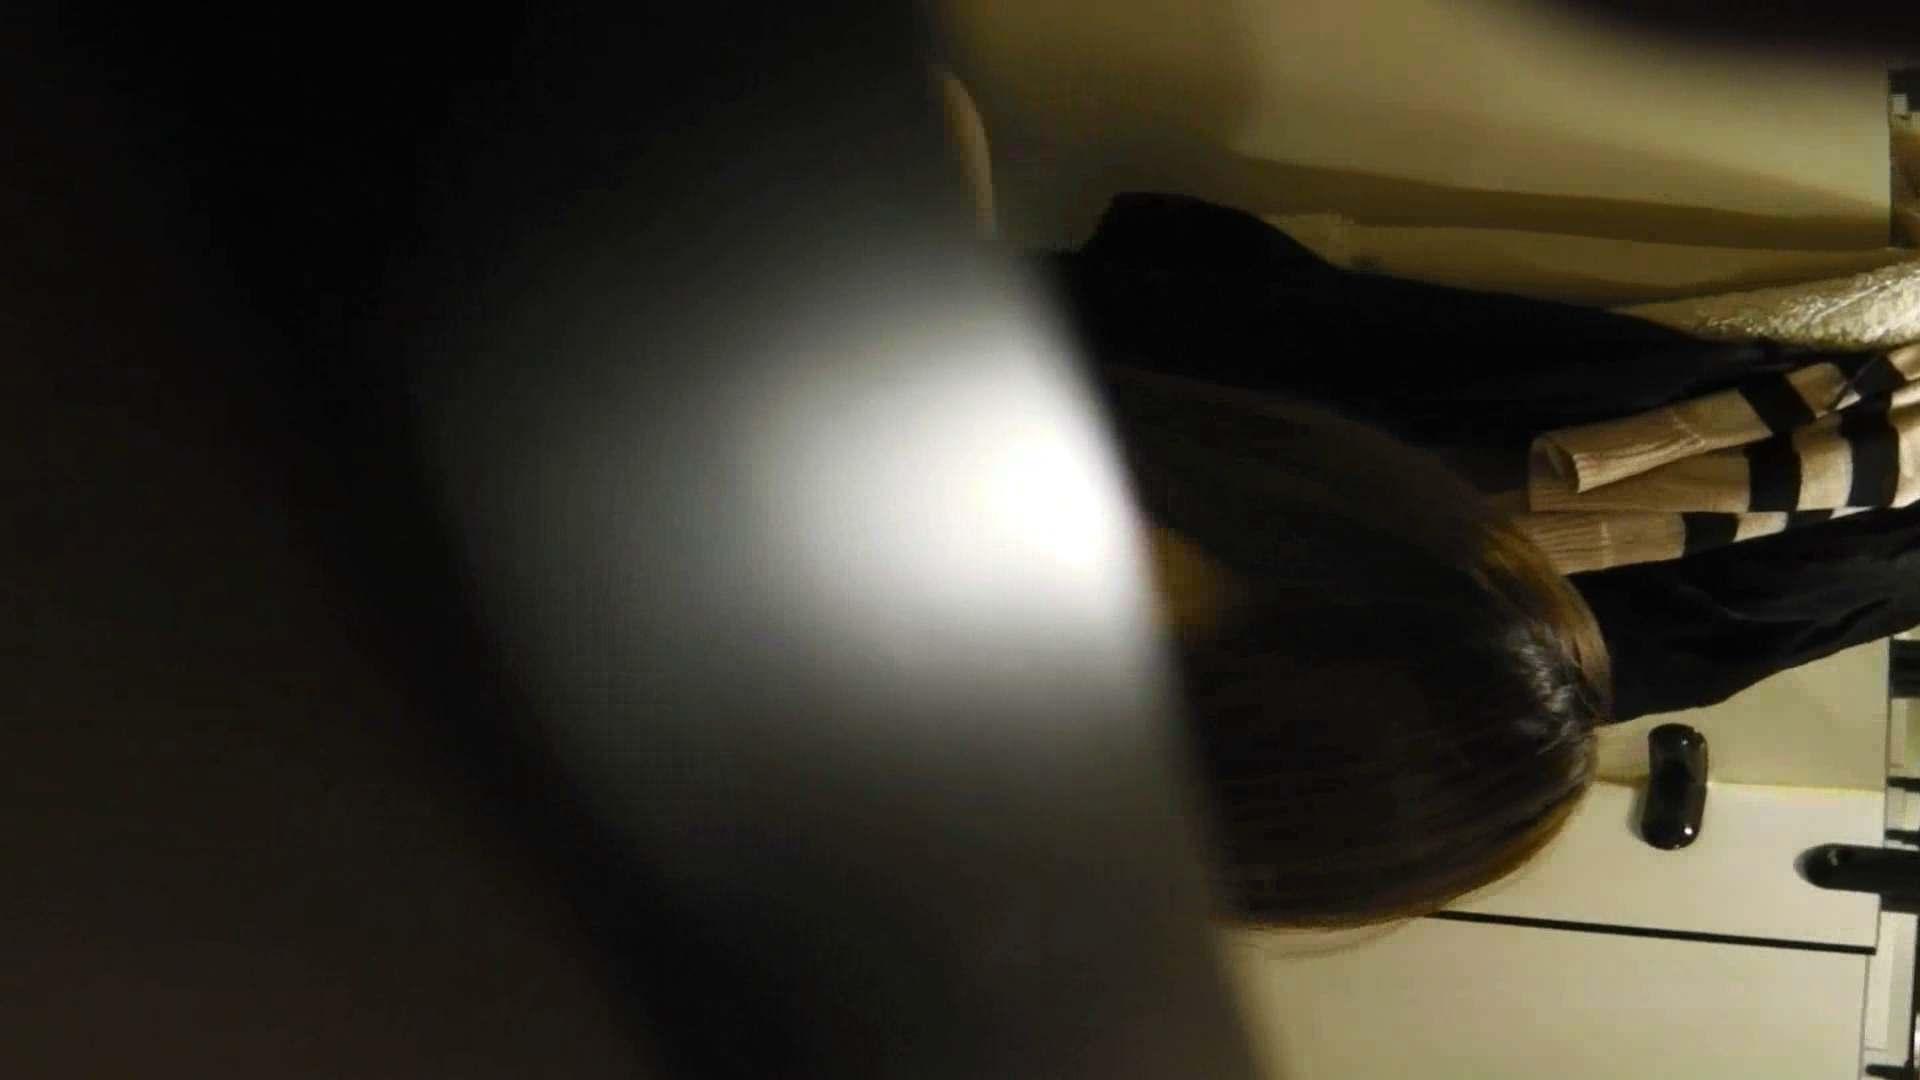 世界の射窓から vol.41 ぼうしタンのアソコ OL女体  69連発 44